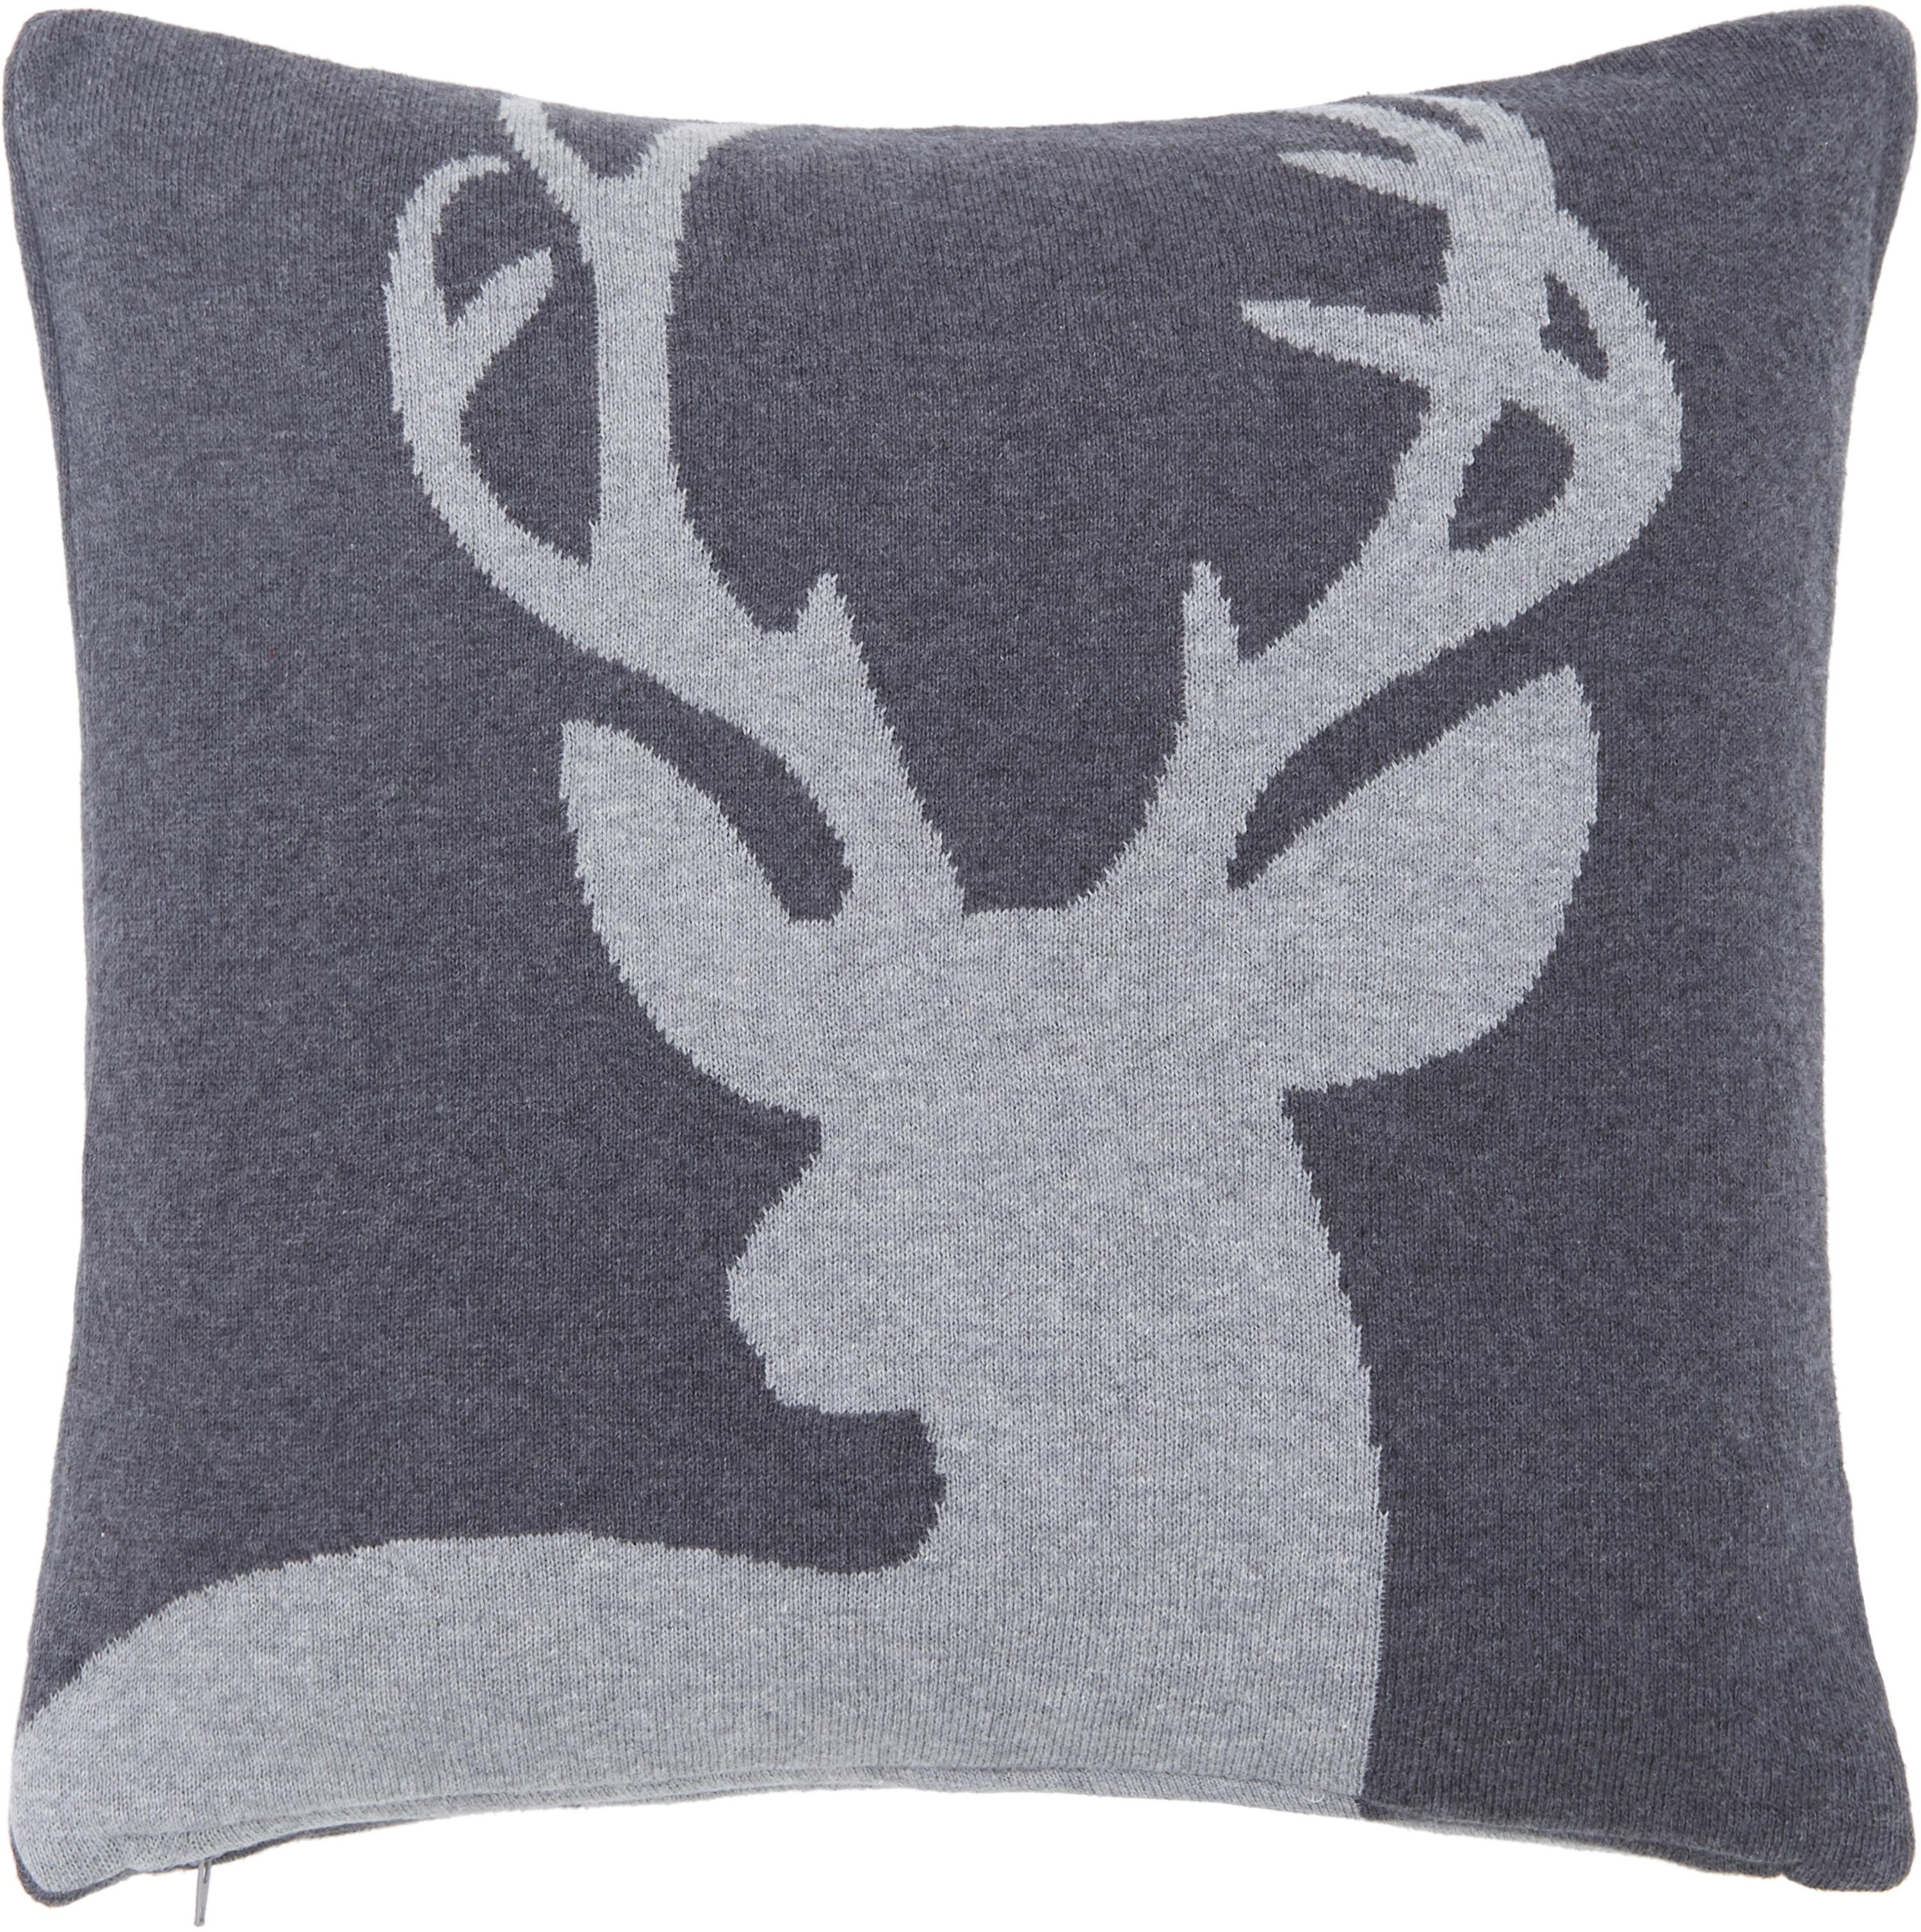 Federa arredo fatta a maglia con motivo cervo Antler, 100% cotone, Grigio scuro, grigio chiaro, Larg. 40 x Lung. 40 cm